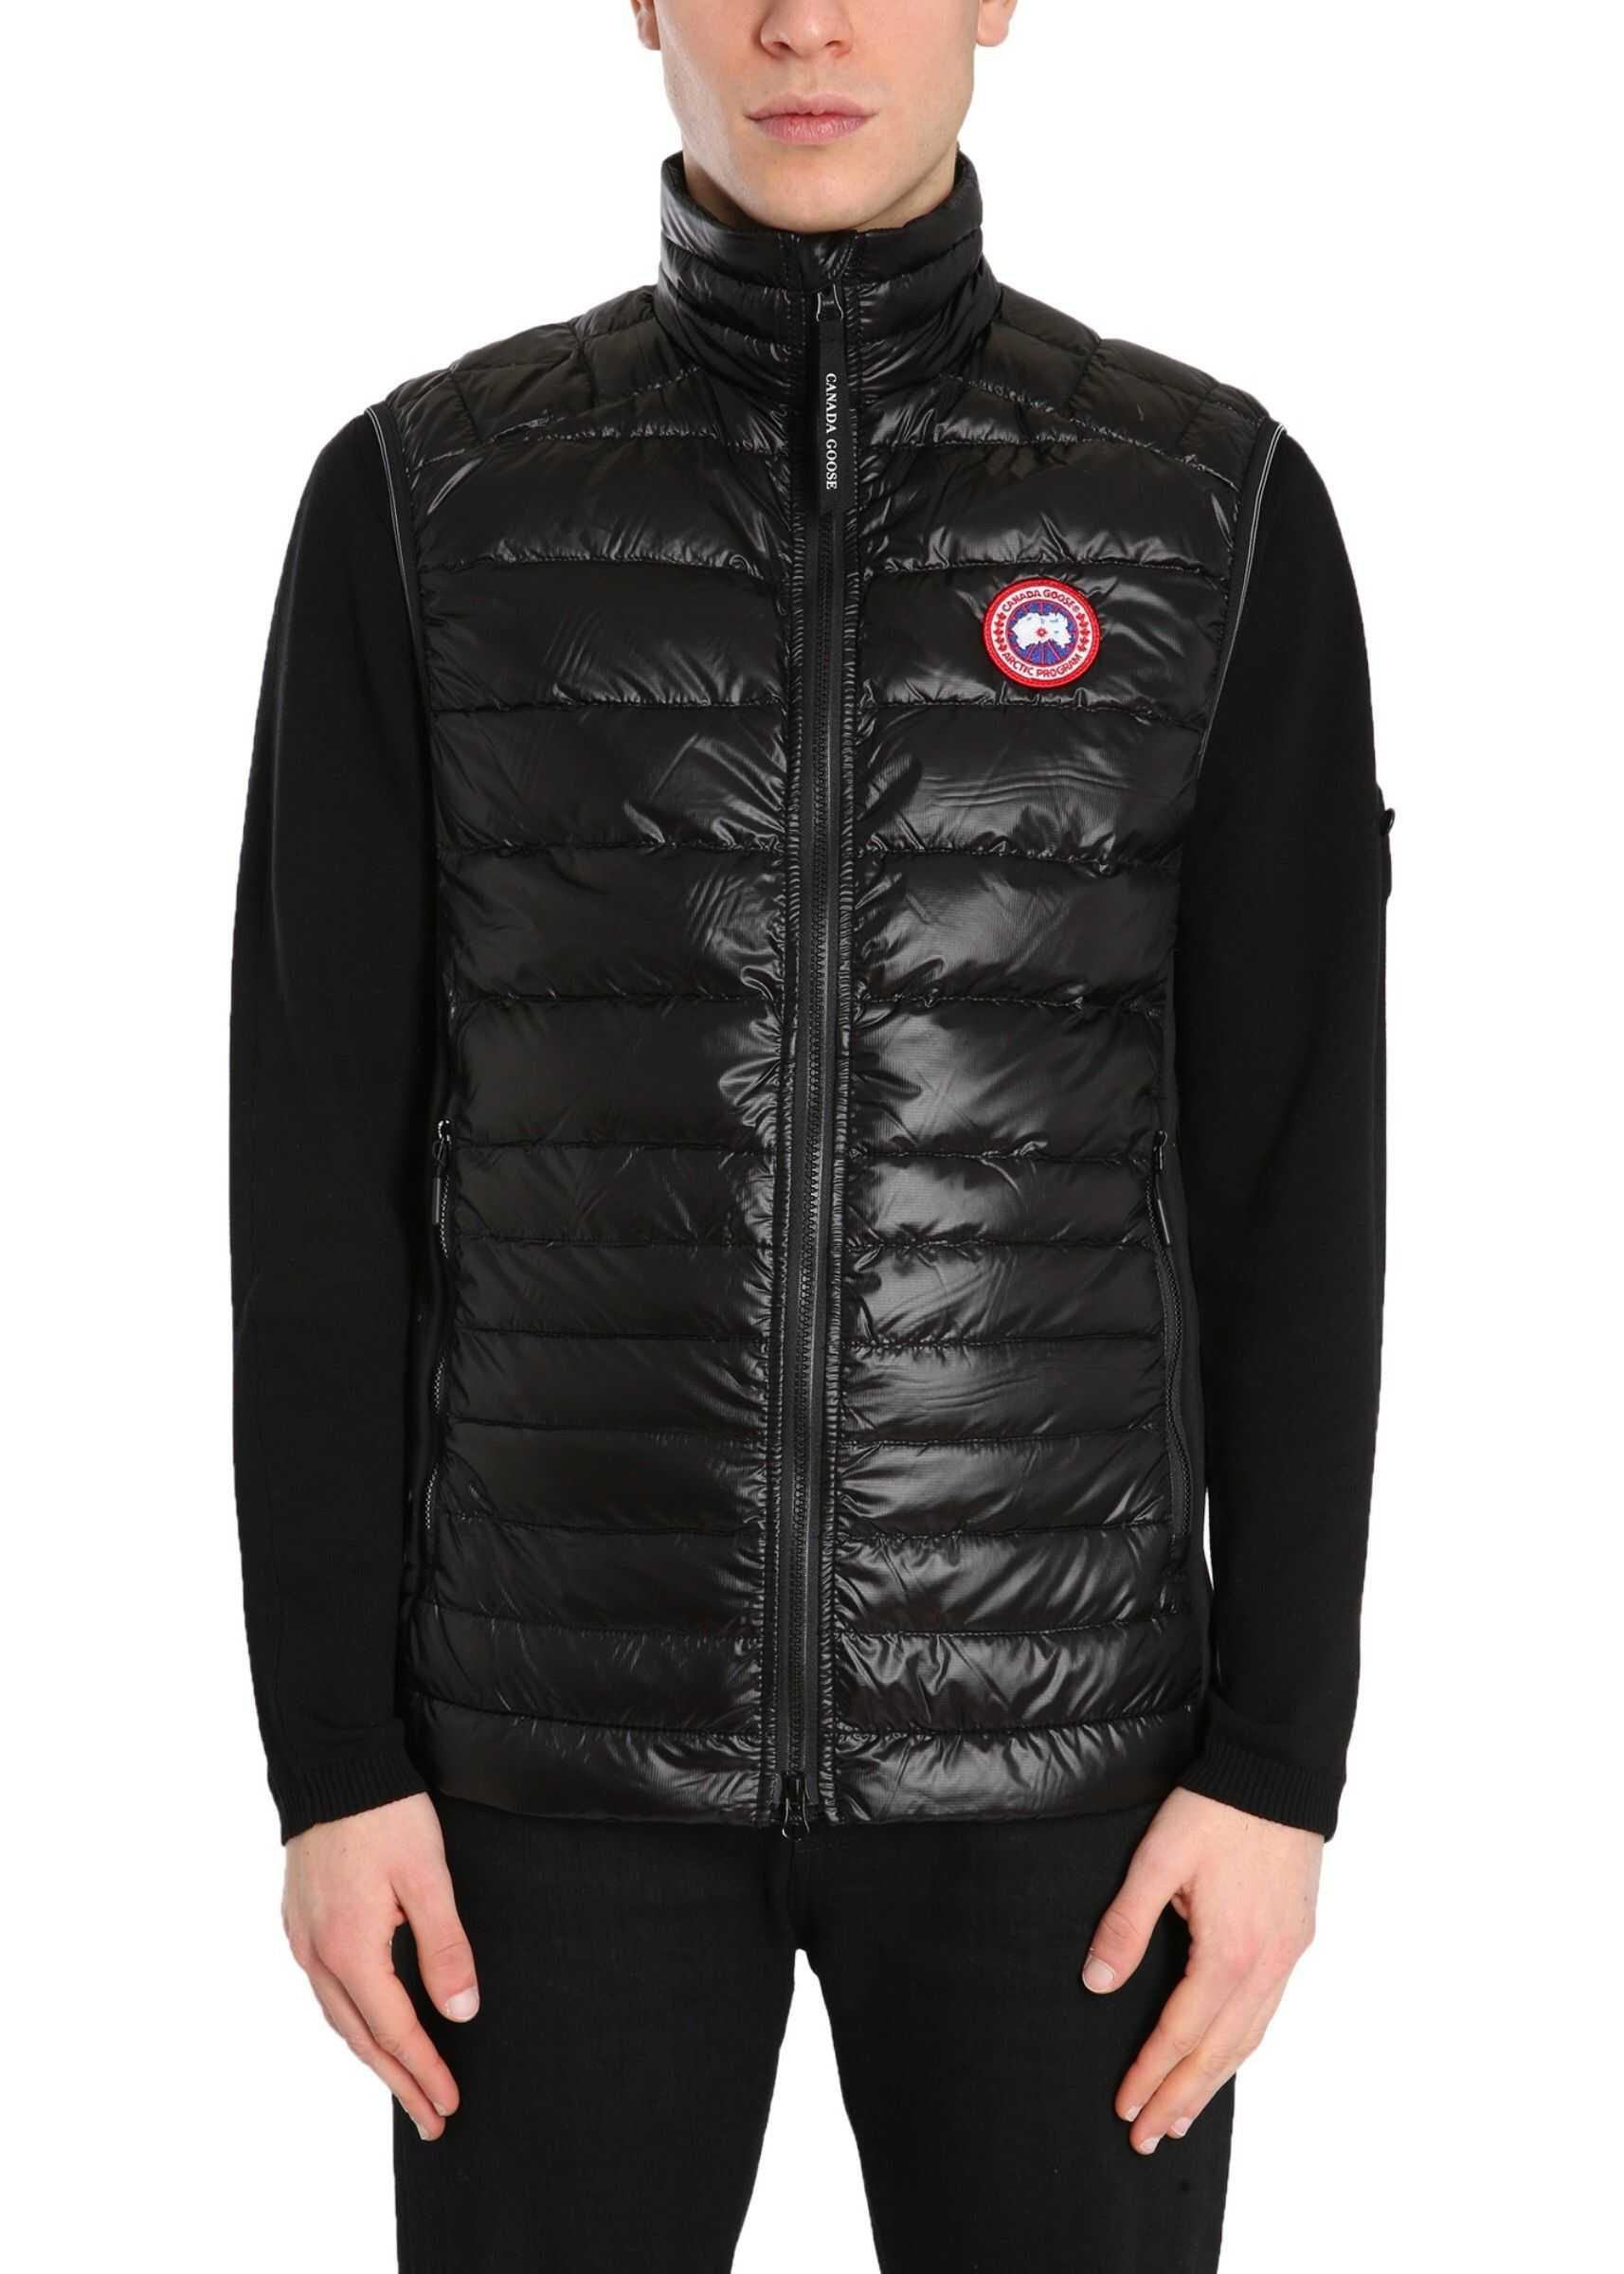 CANADA GOOSE Sleeveless Jacket BLACK imagine